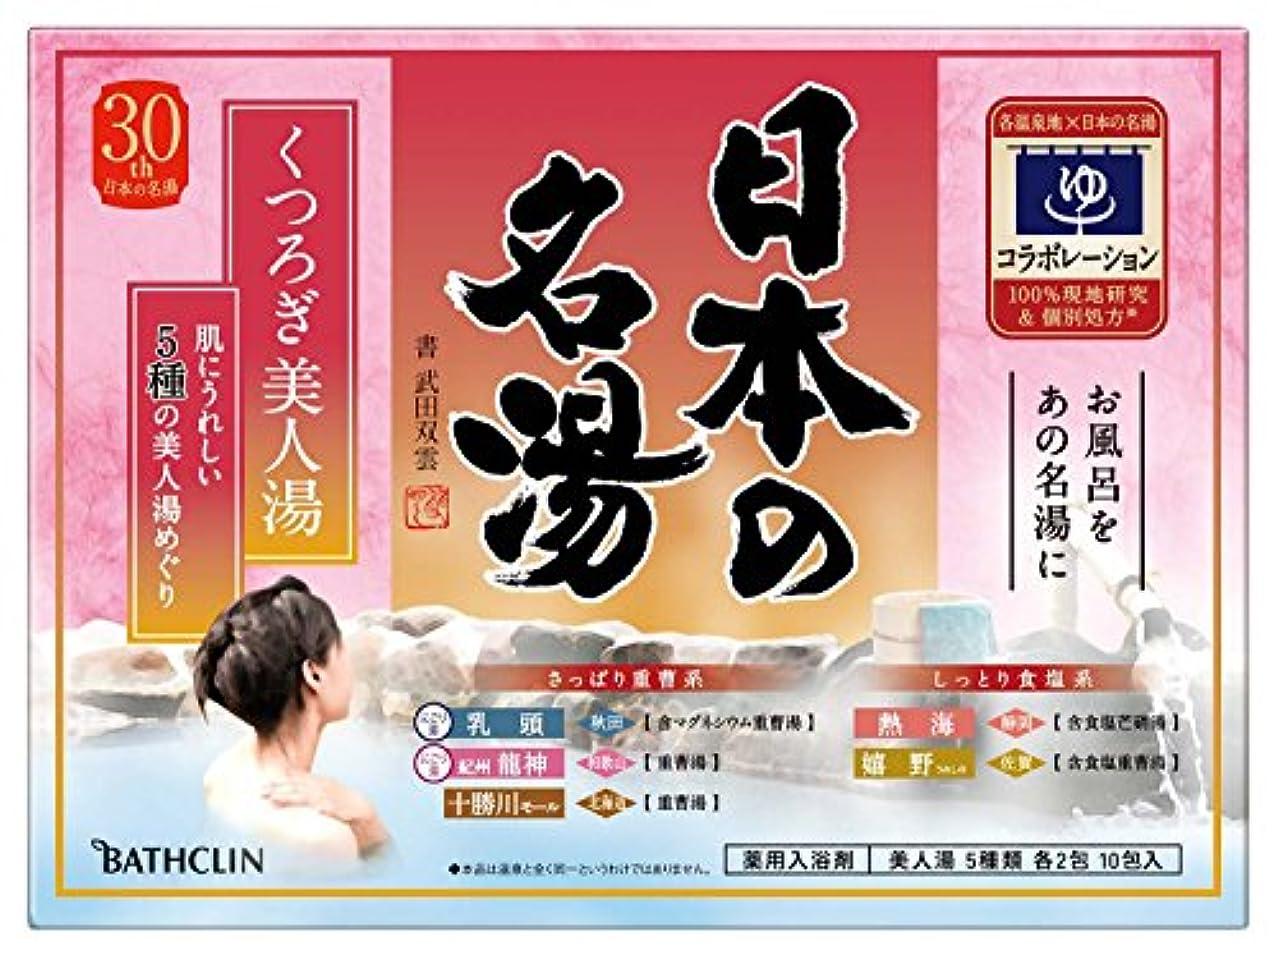 虚偽瞑想する既に【医薬部外品】日本の名湯入浴剤 くつろぎ美人湯 30g ×10包 個包装 詰め合わせ 温泉タイプ